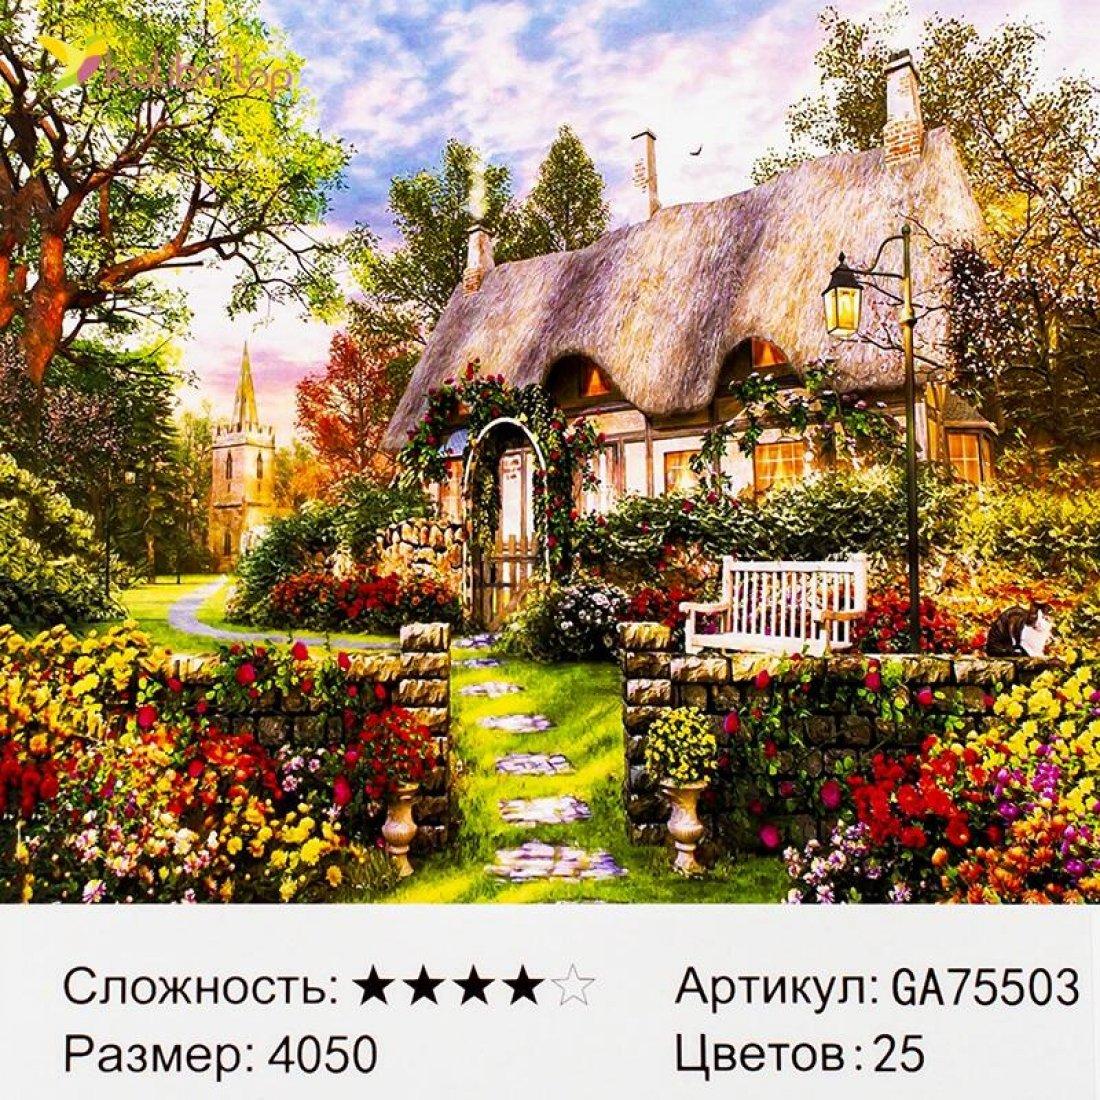 Алмазная мозаика по номерам Дом в Саду 40*50 см оптом фото 003